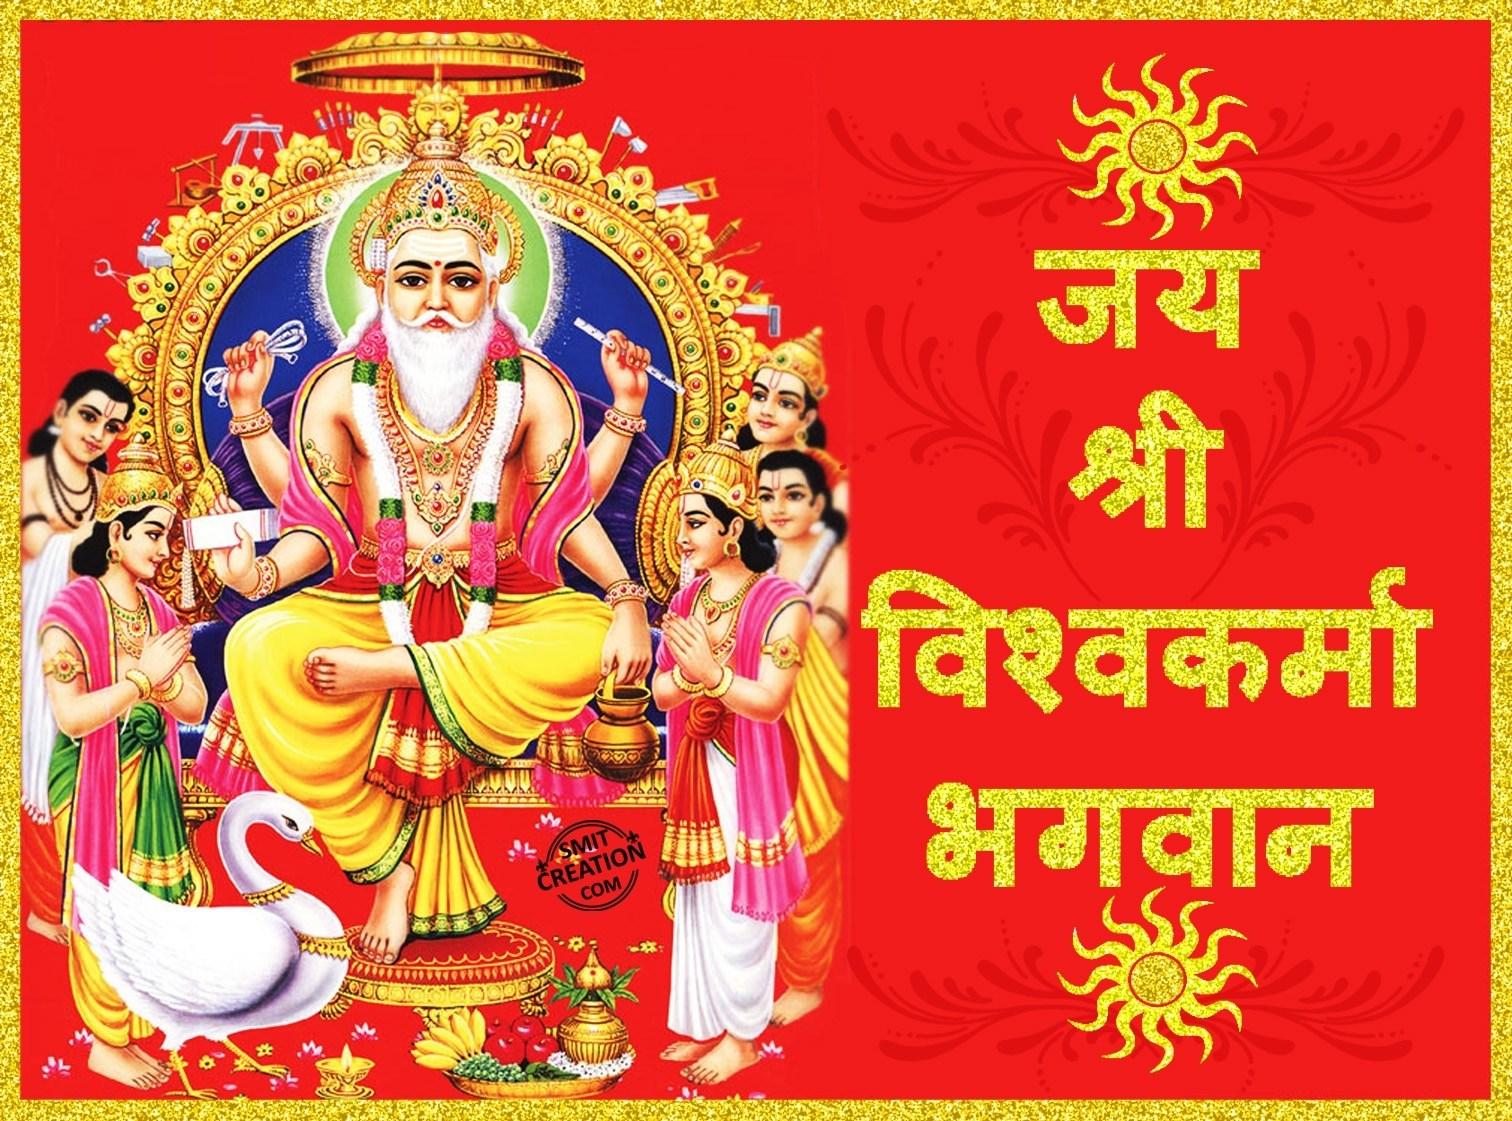 Vishwakarma Images Free Download